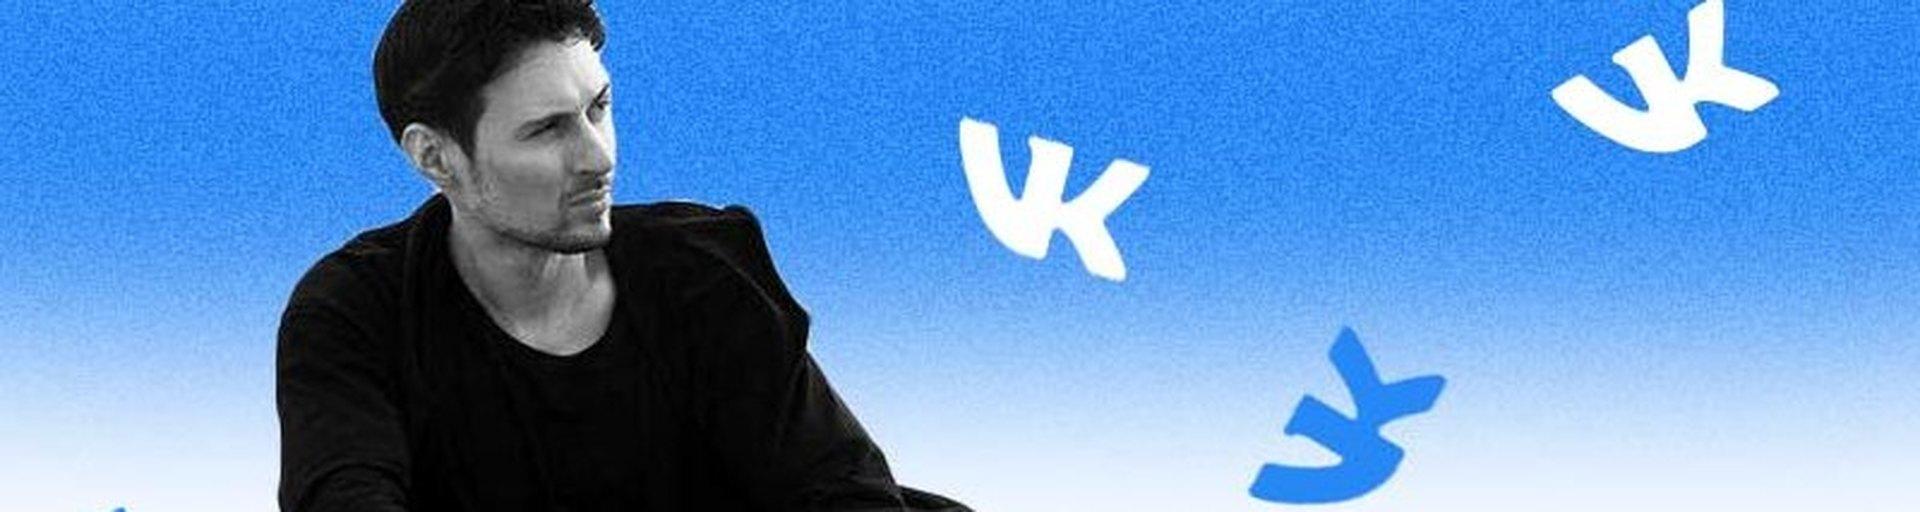 Меня трудно найти илегко потерять: какой статус «ВКонтакте» выпадет вам вмини-игре Esquire